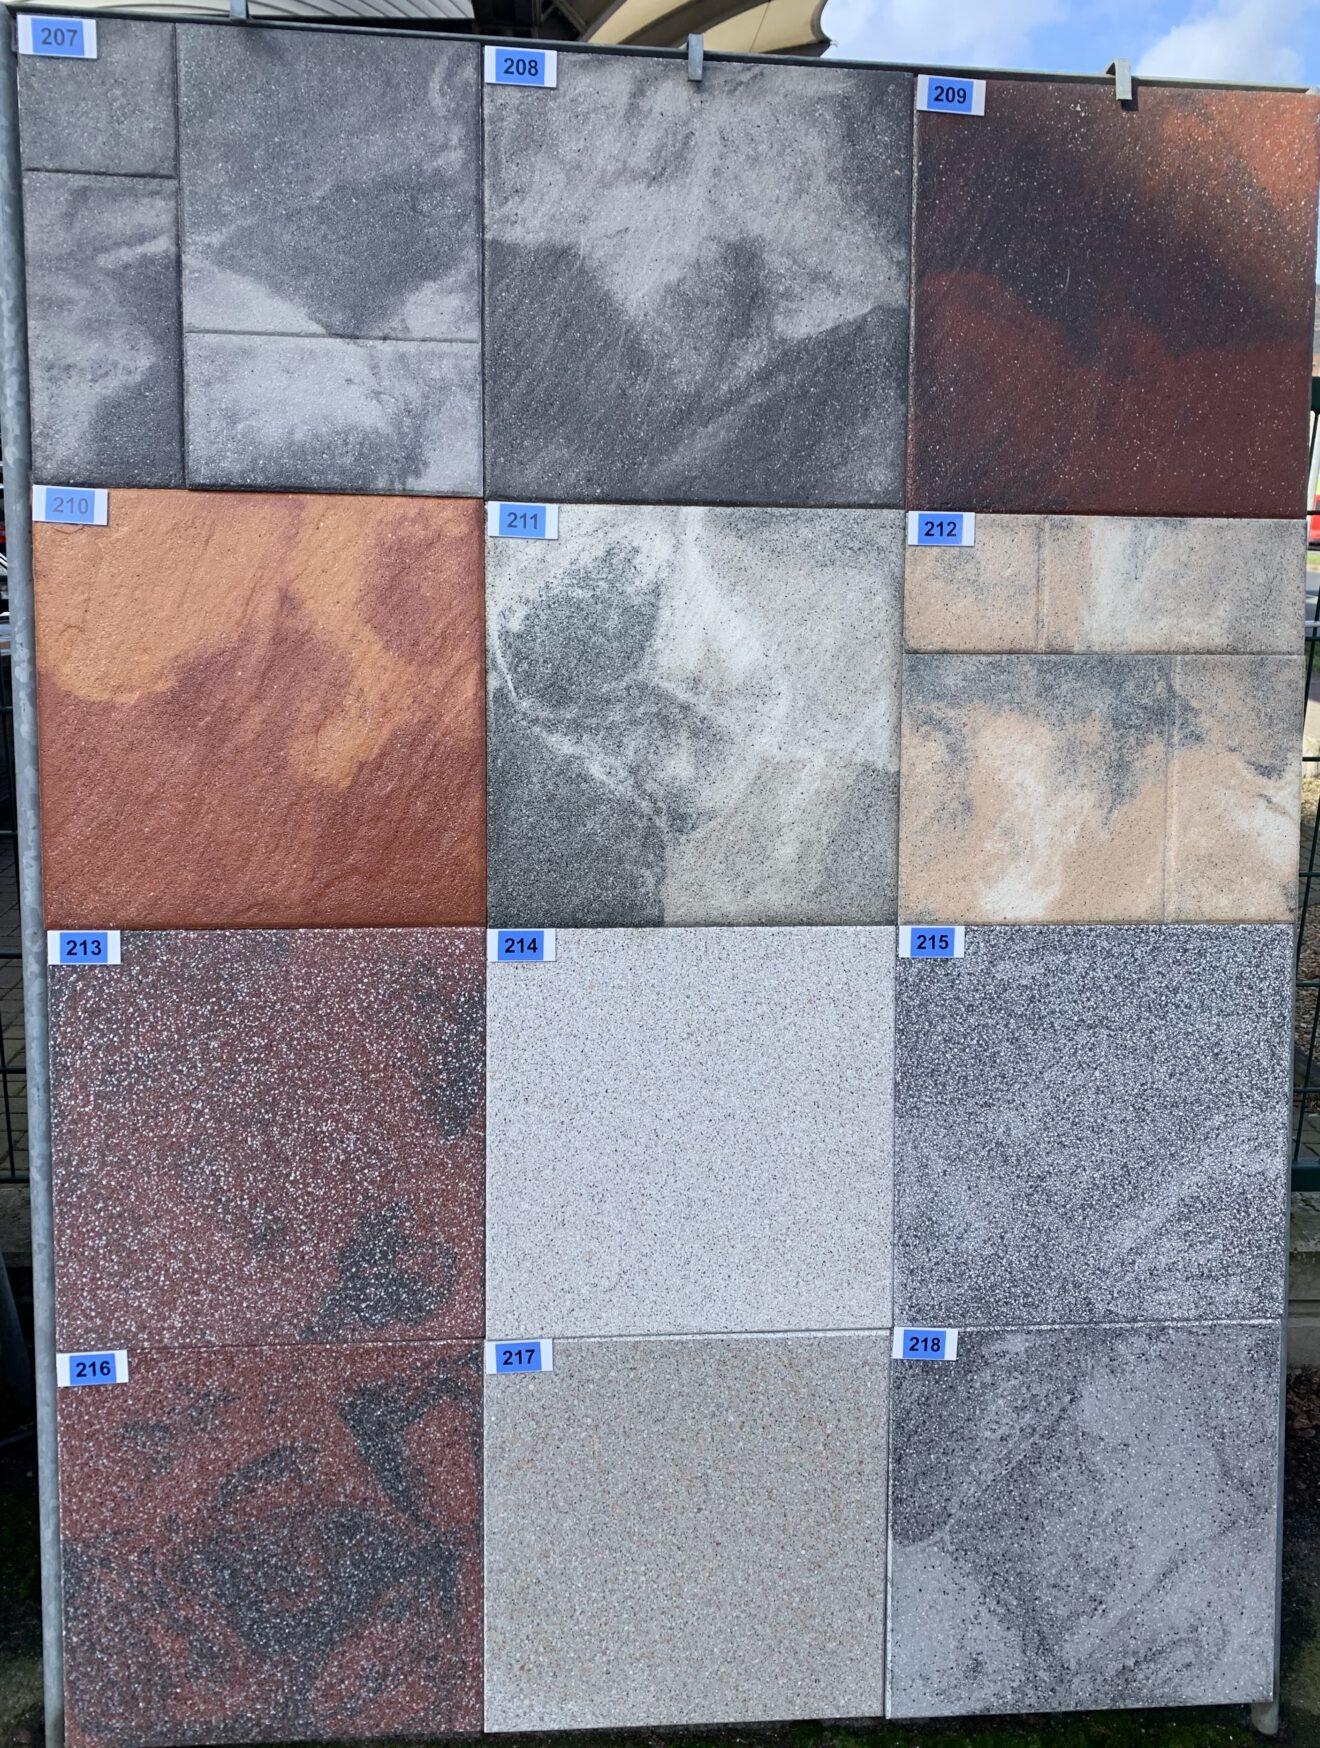 Terrassenplatte Novagranit rot/schwarz bei Stolzenbach Baustoffe in Bremen kaufen